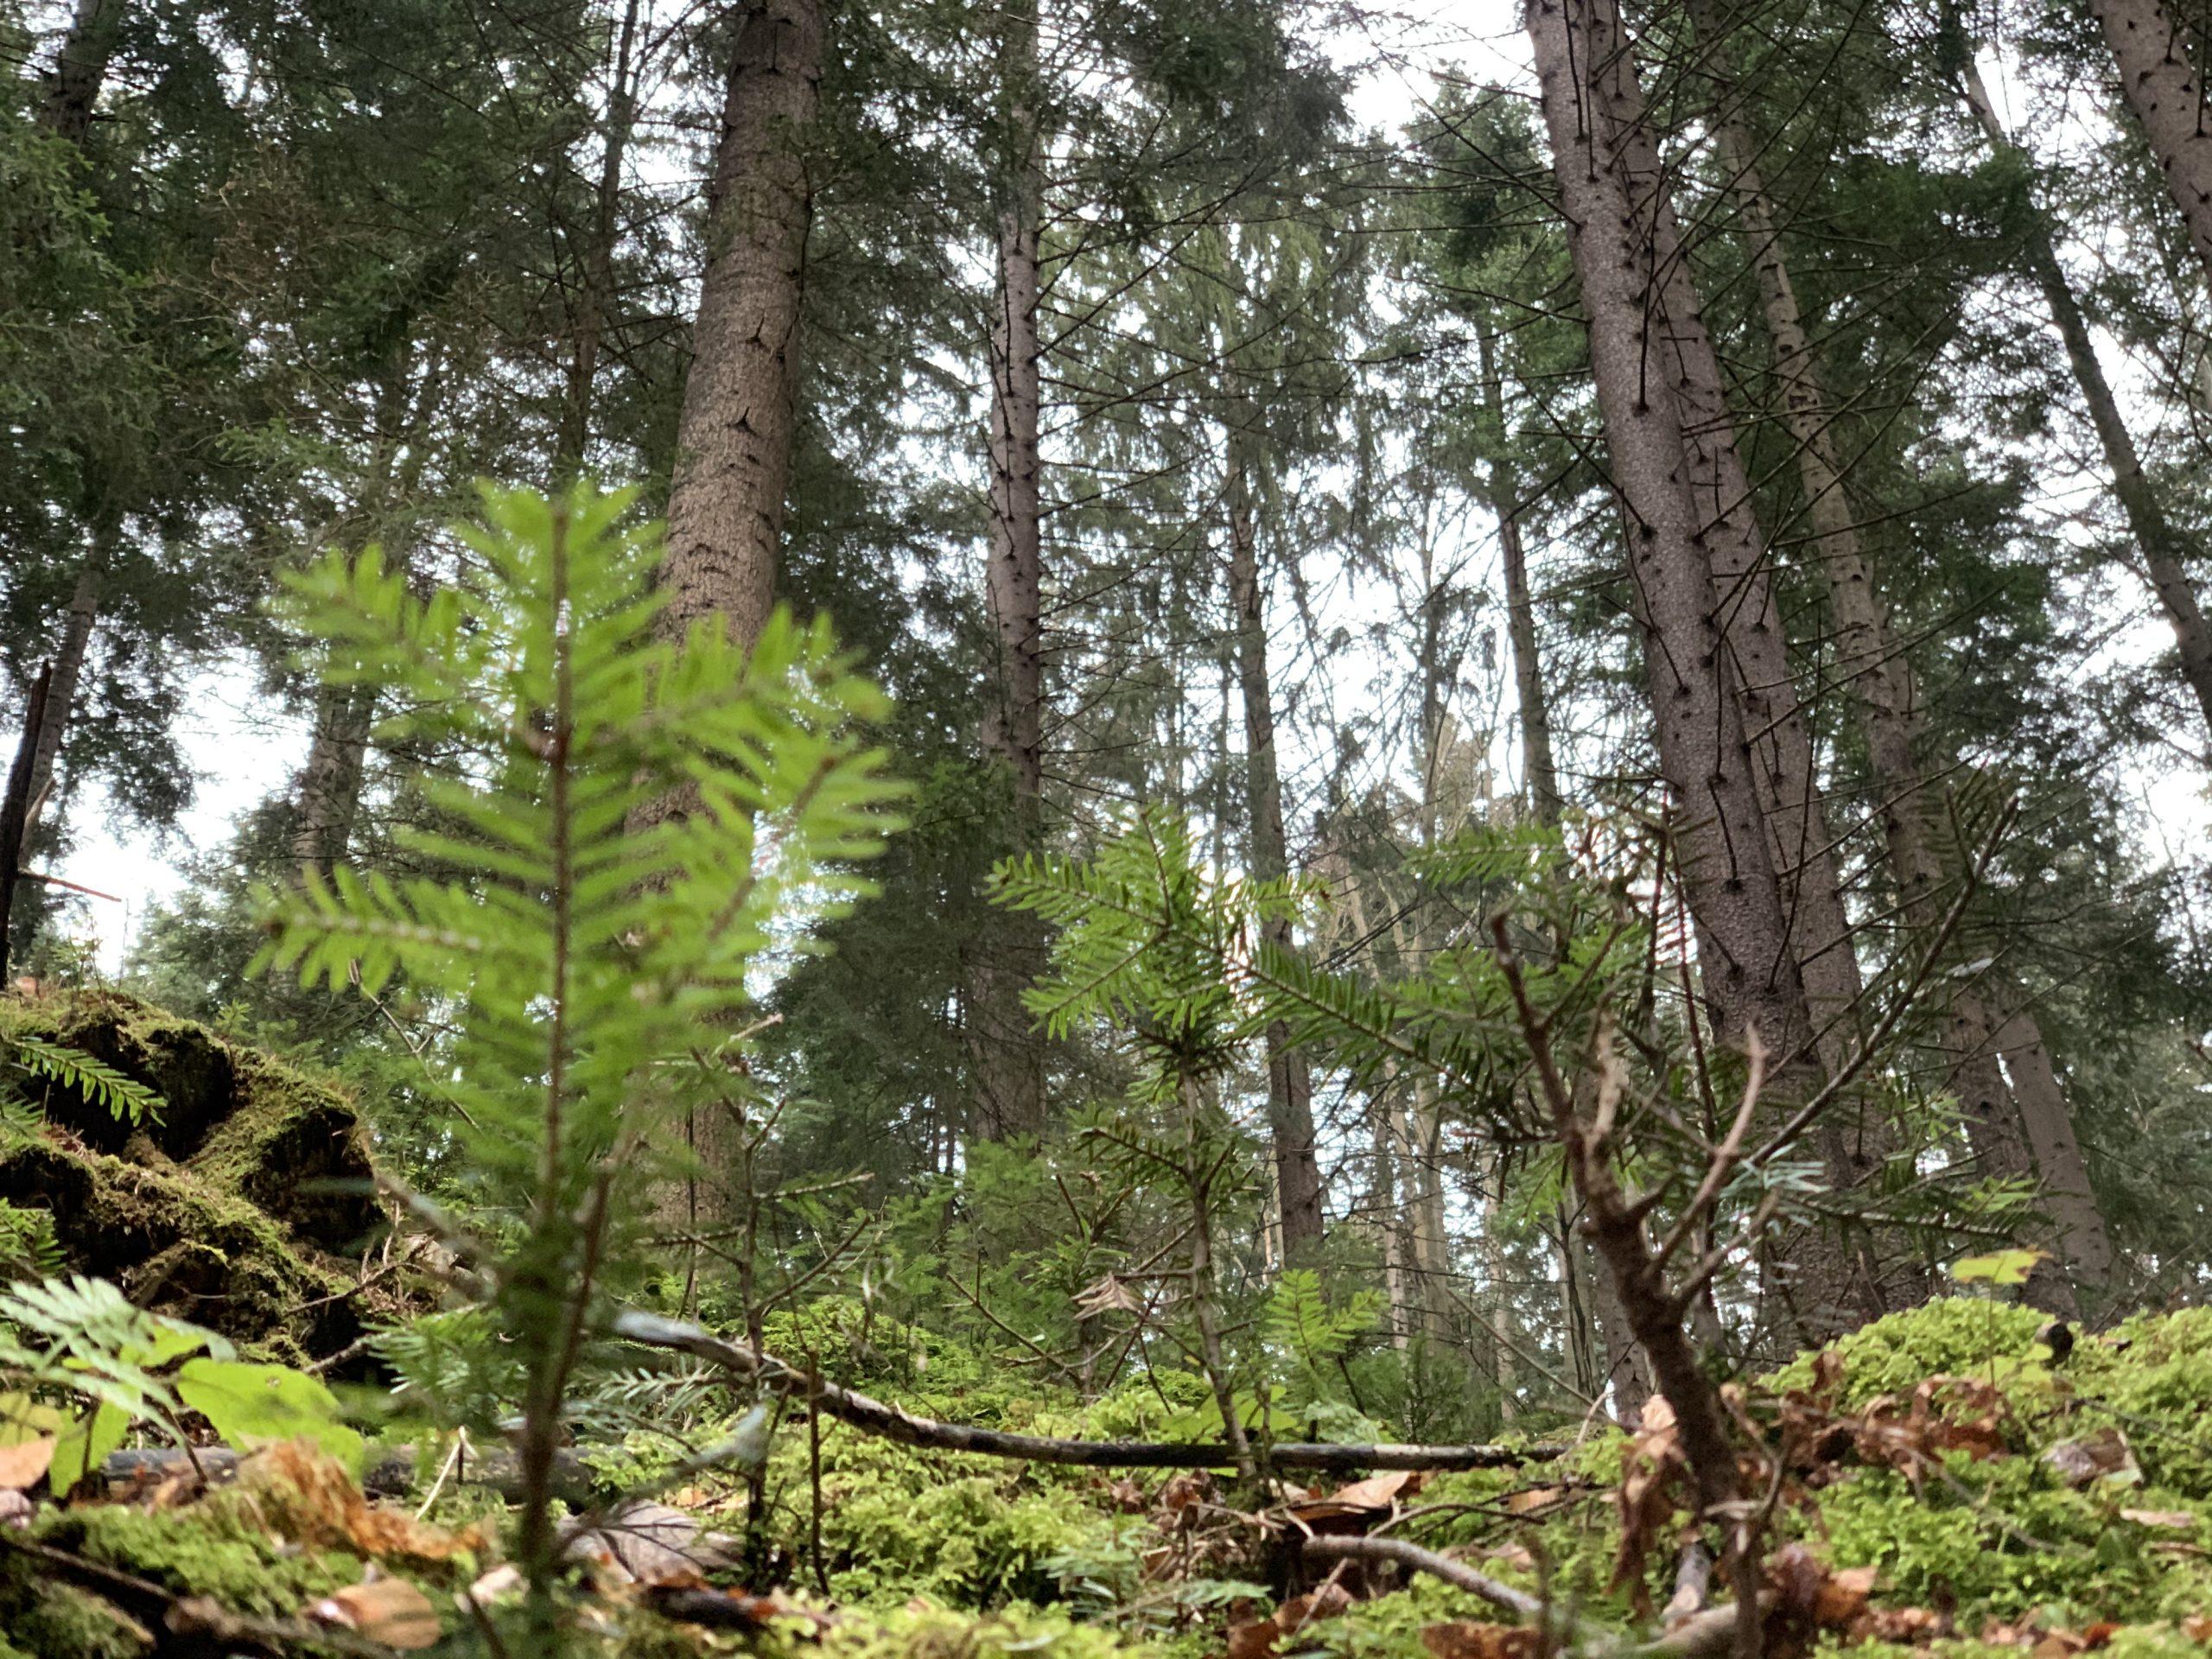 Banská Bystrica patrí k najzelenším krajským mestám aj vďaka mestským lesom